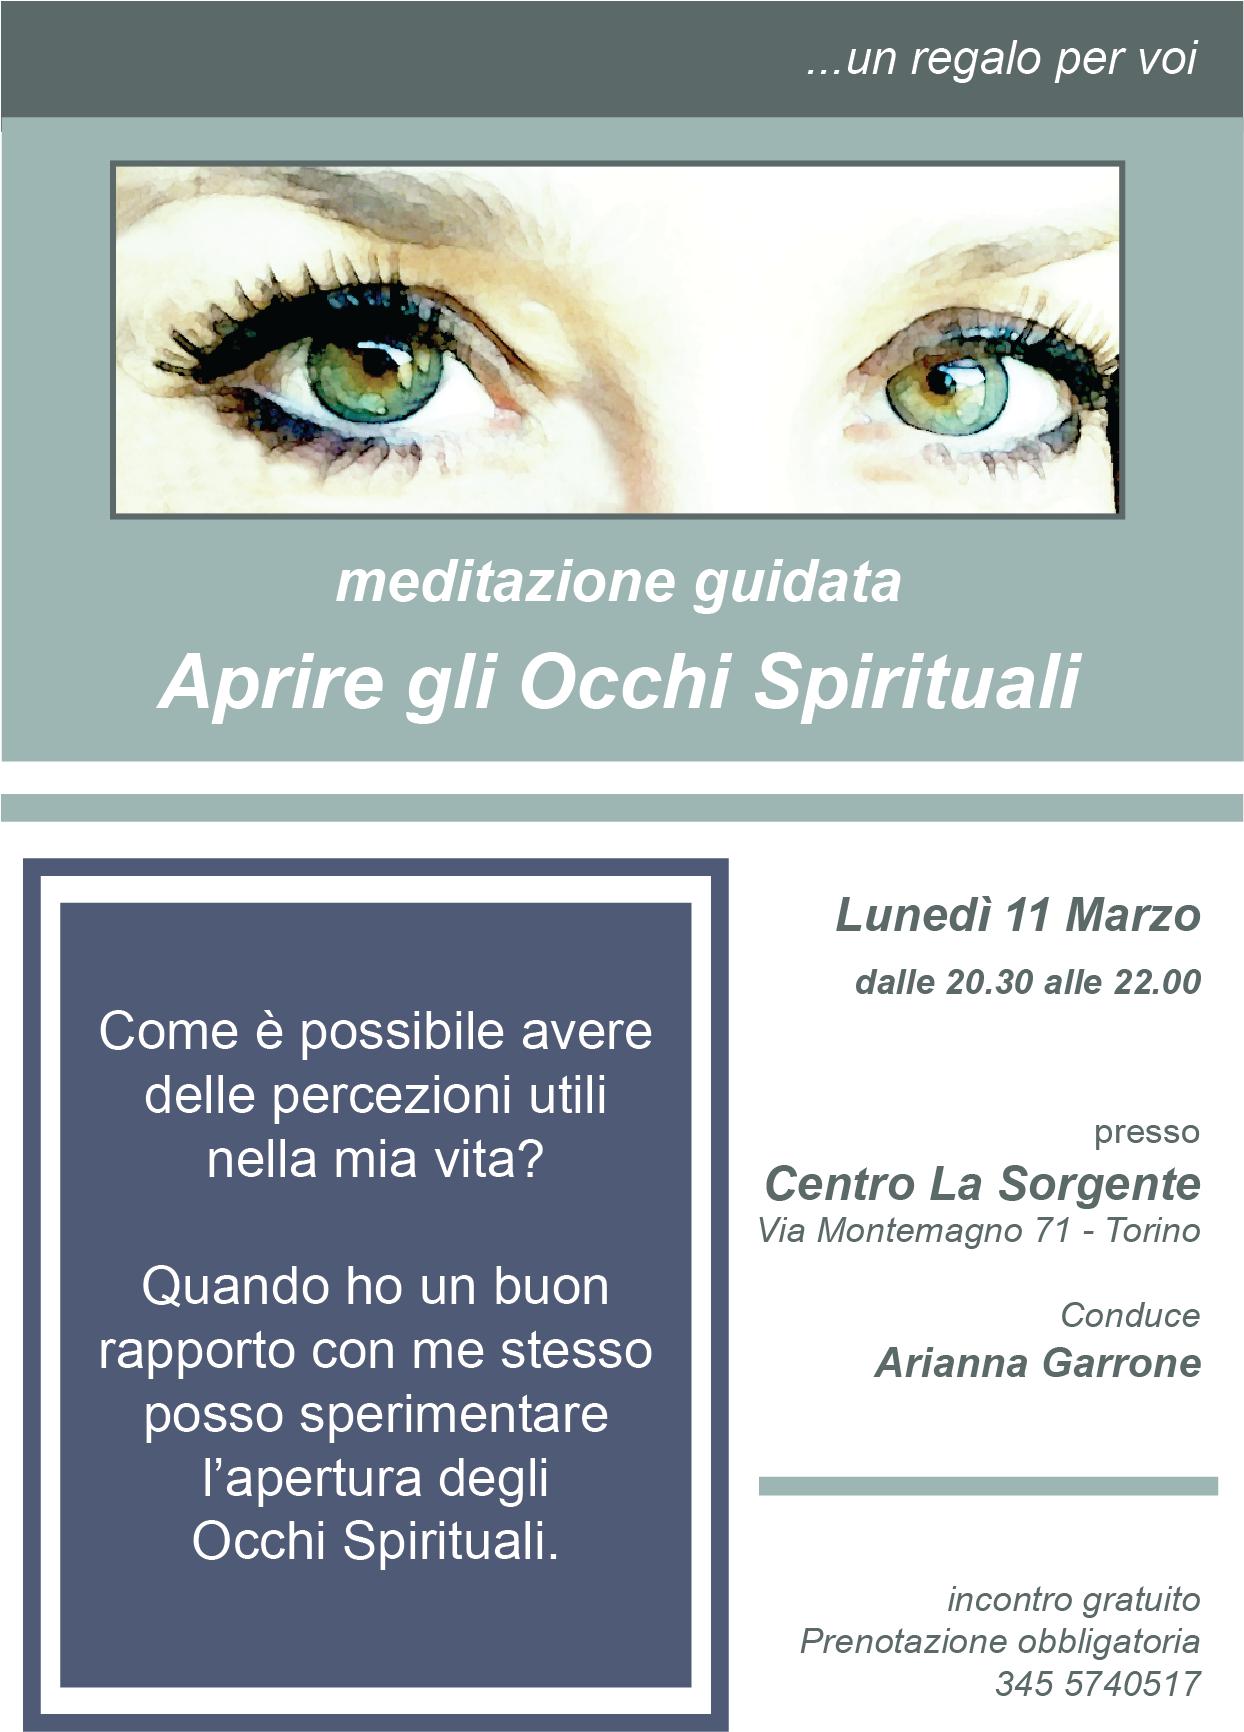 Meditazione guidata - incontro gratuito